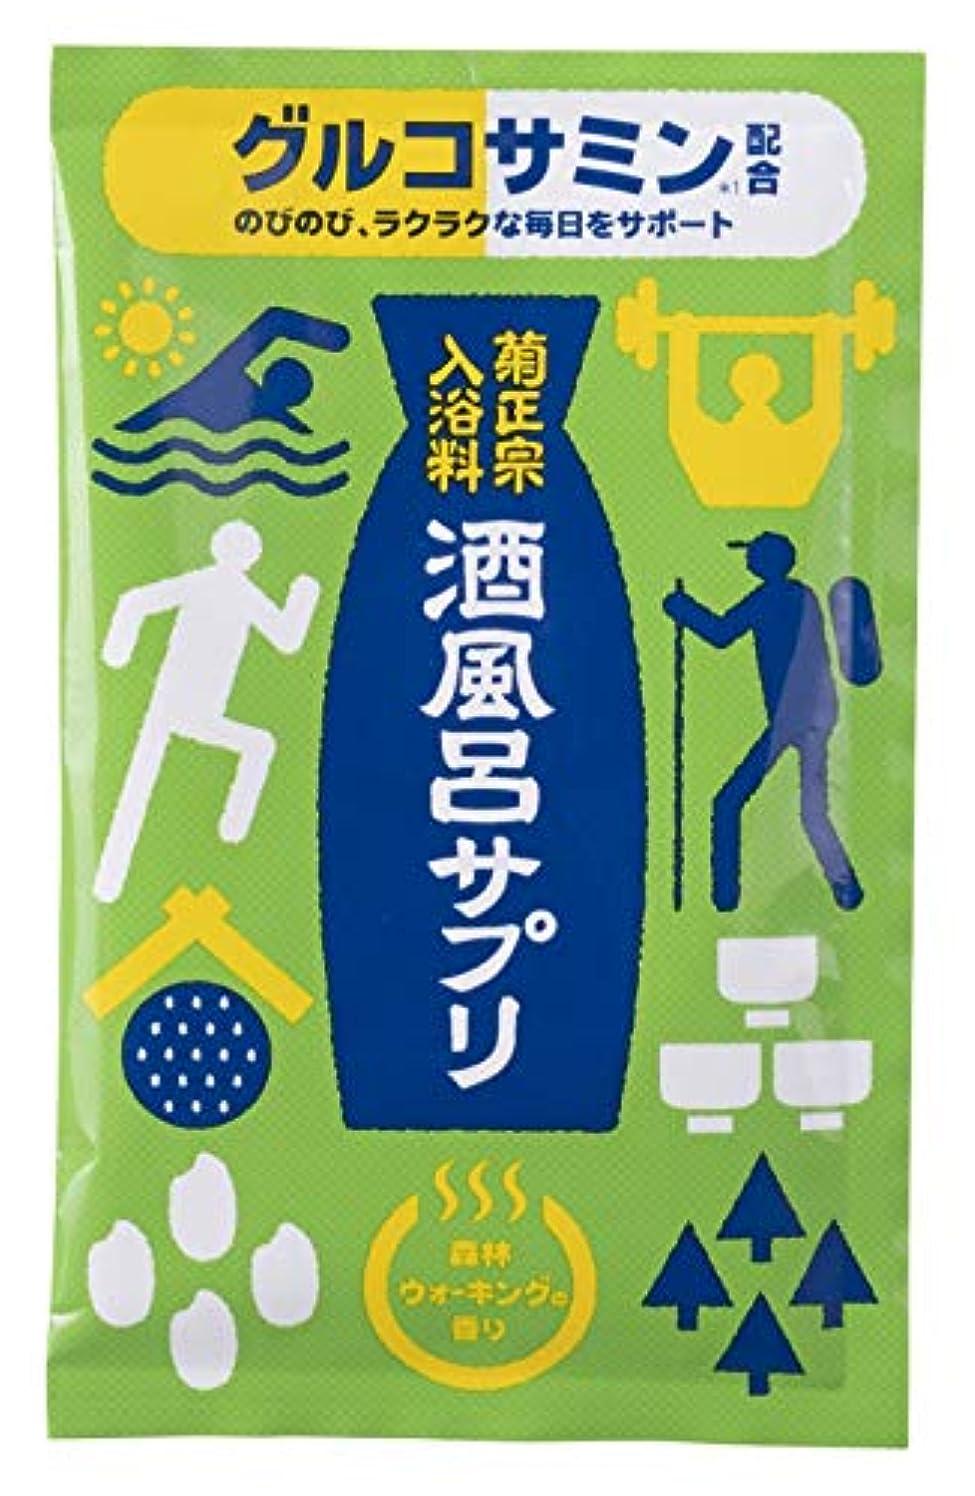 コントラストフルーツエンターテインメント菊正宗 酒風呂サプリ グルコサミン 25g